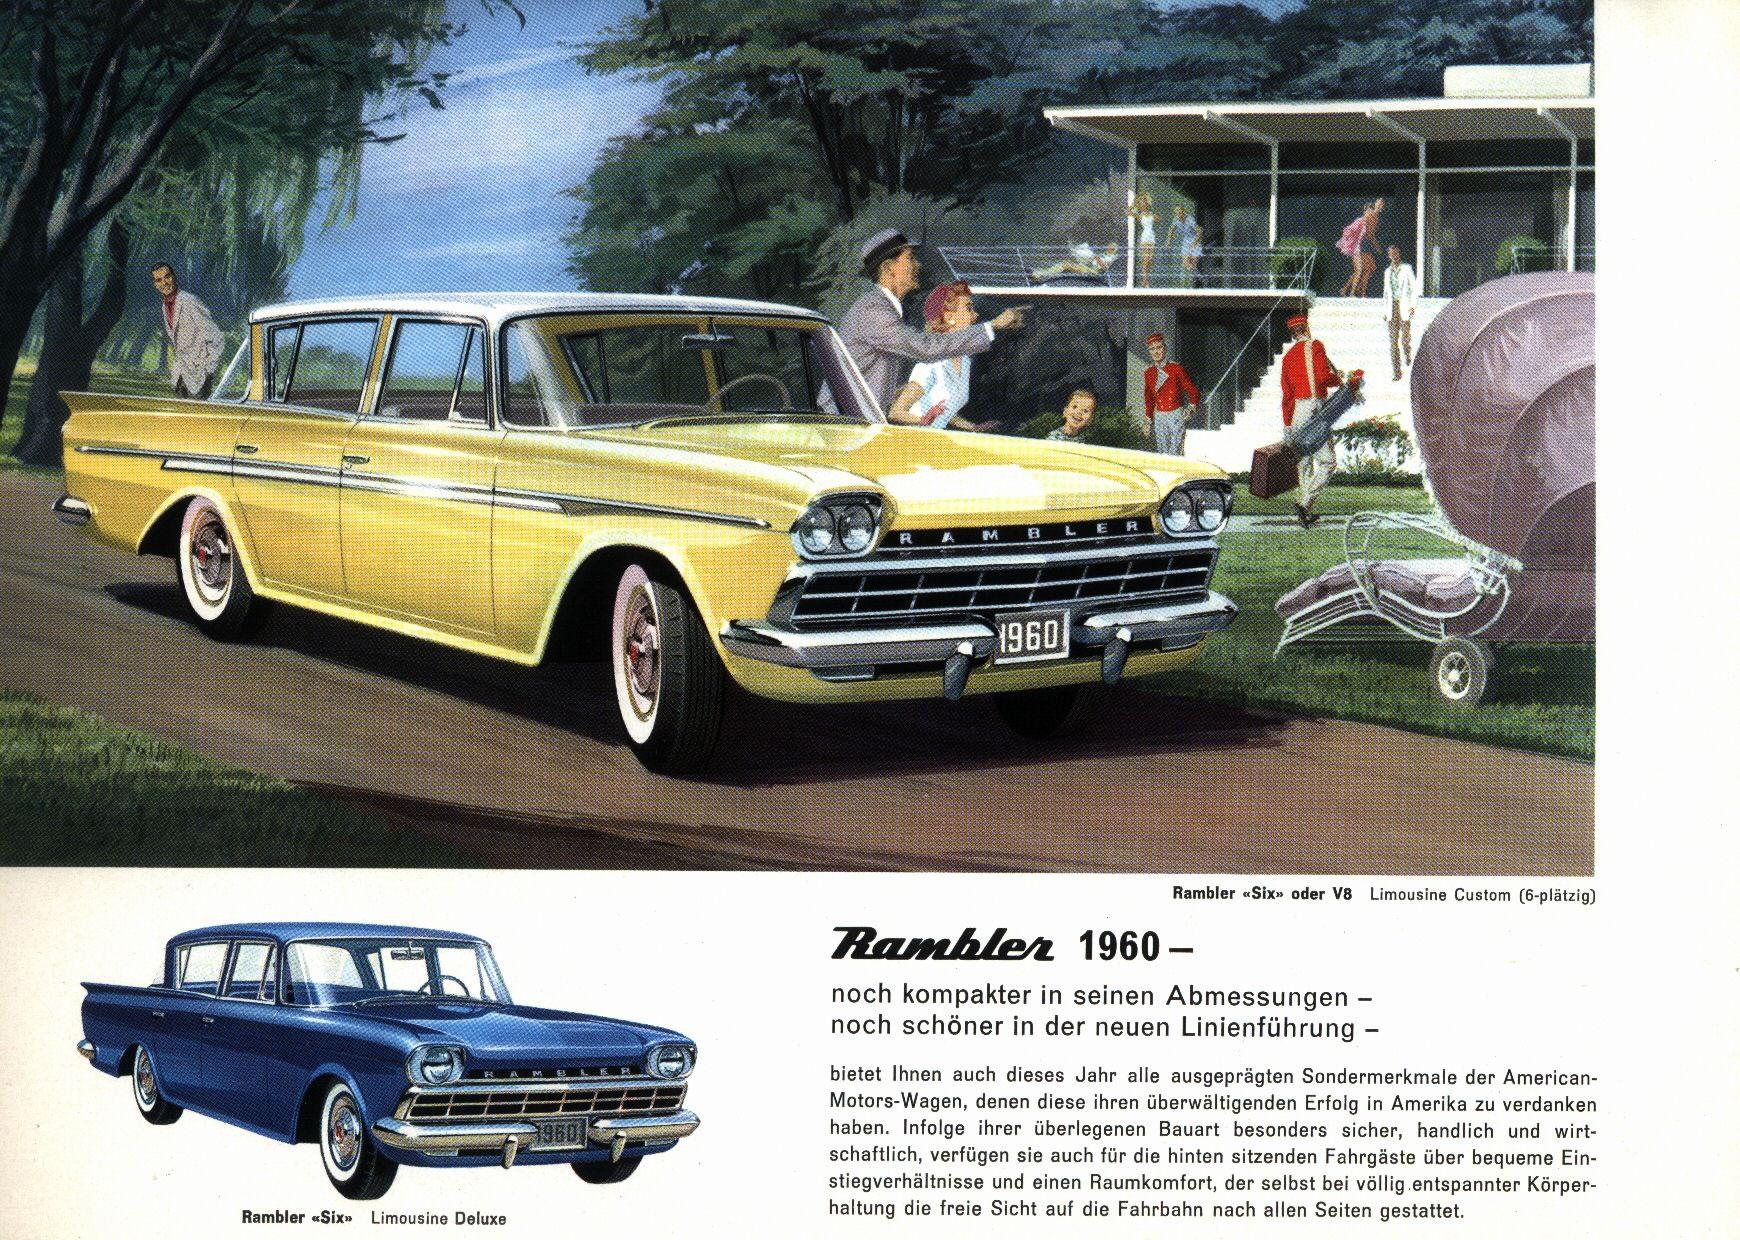 1960 Rambler Car